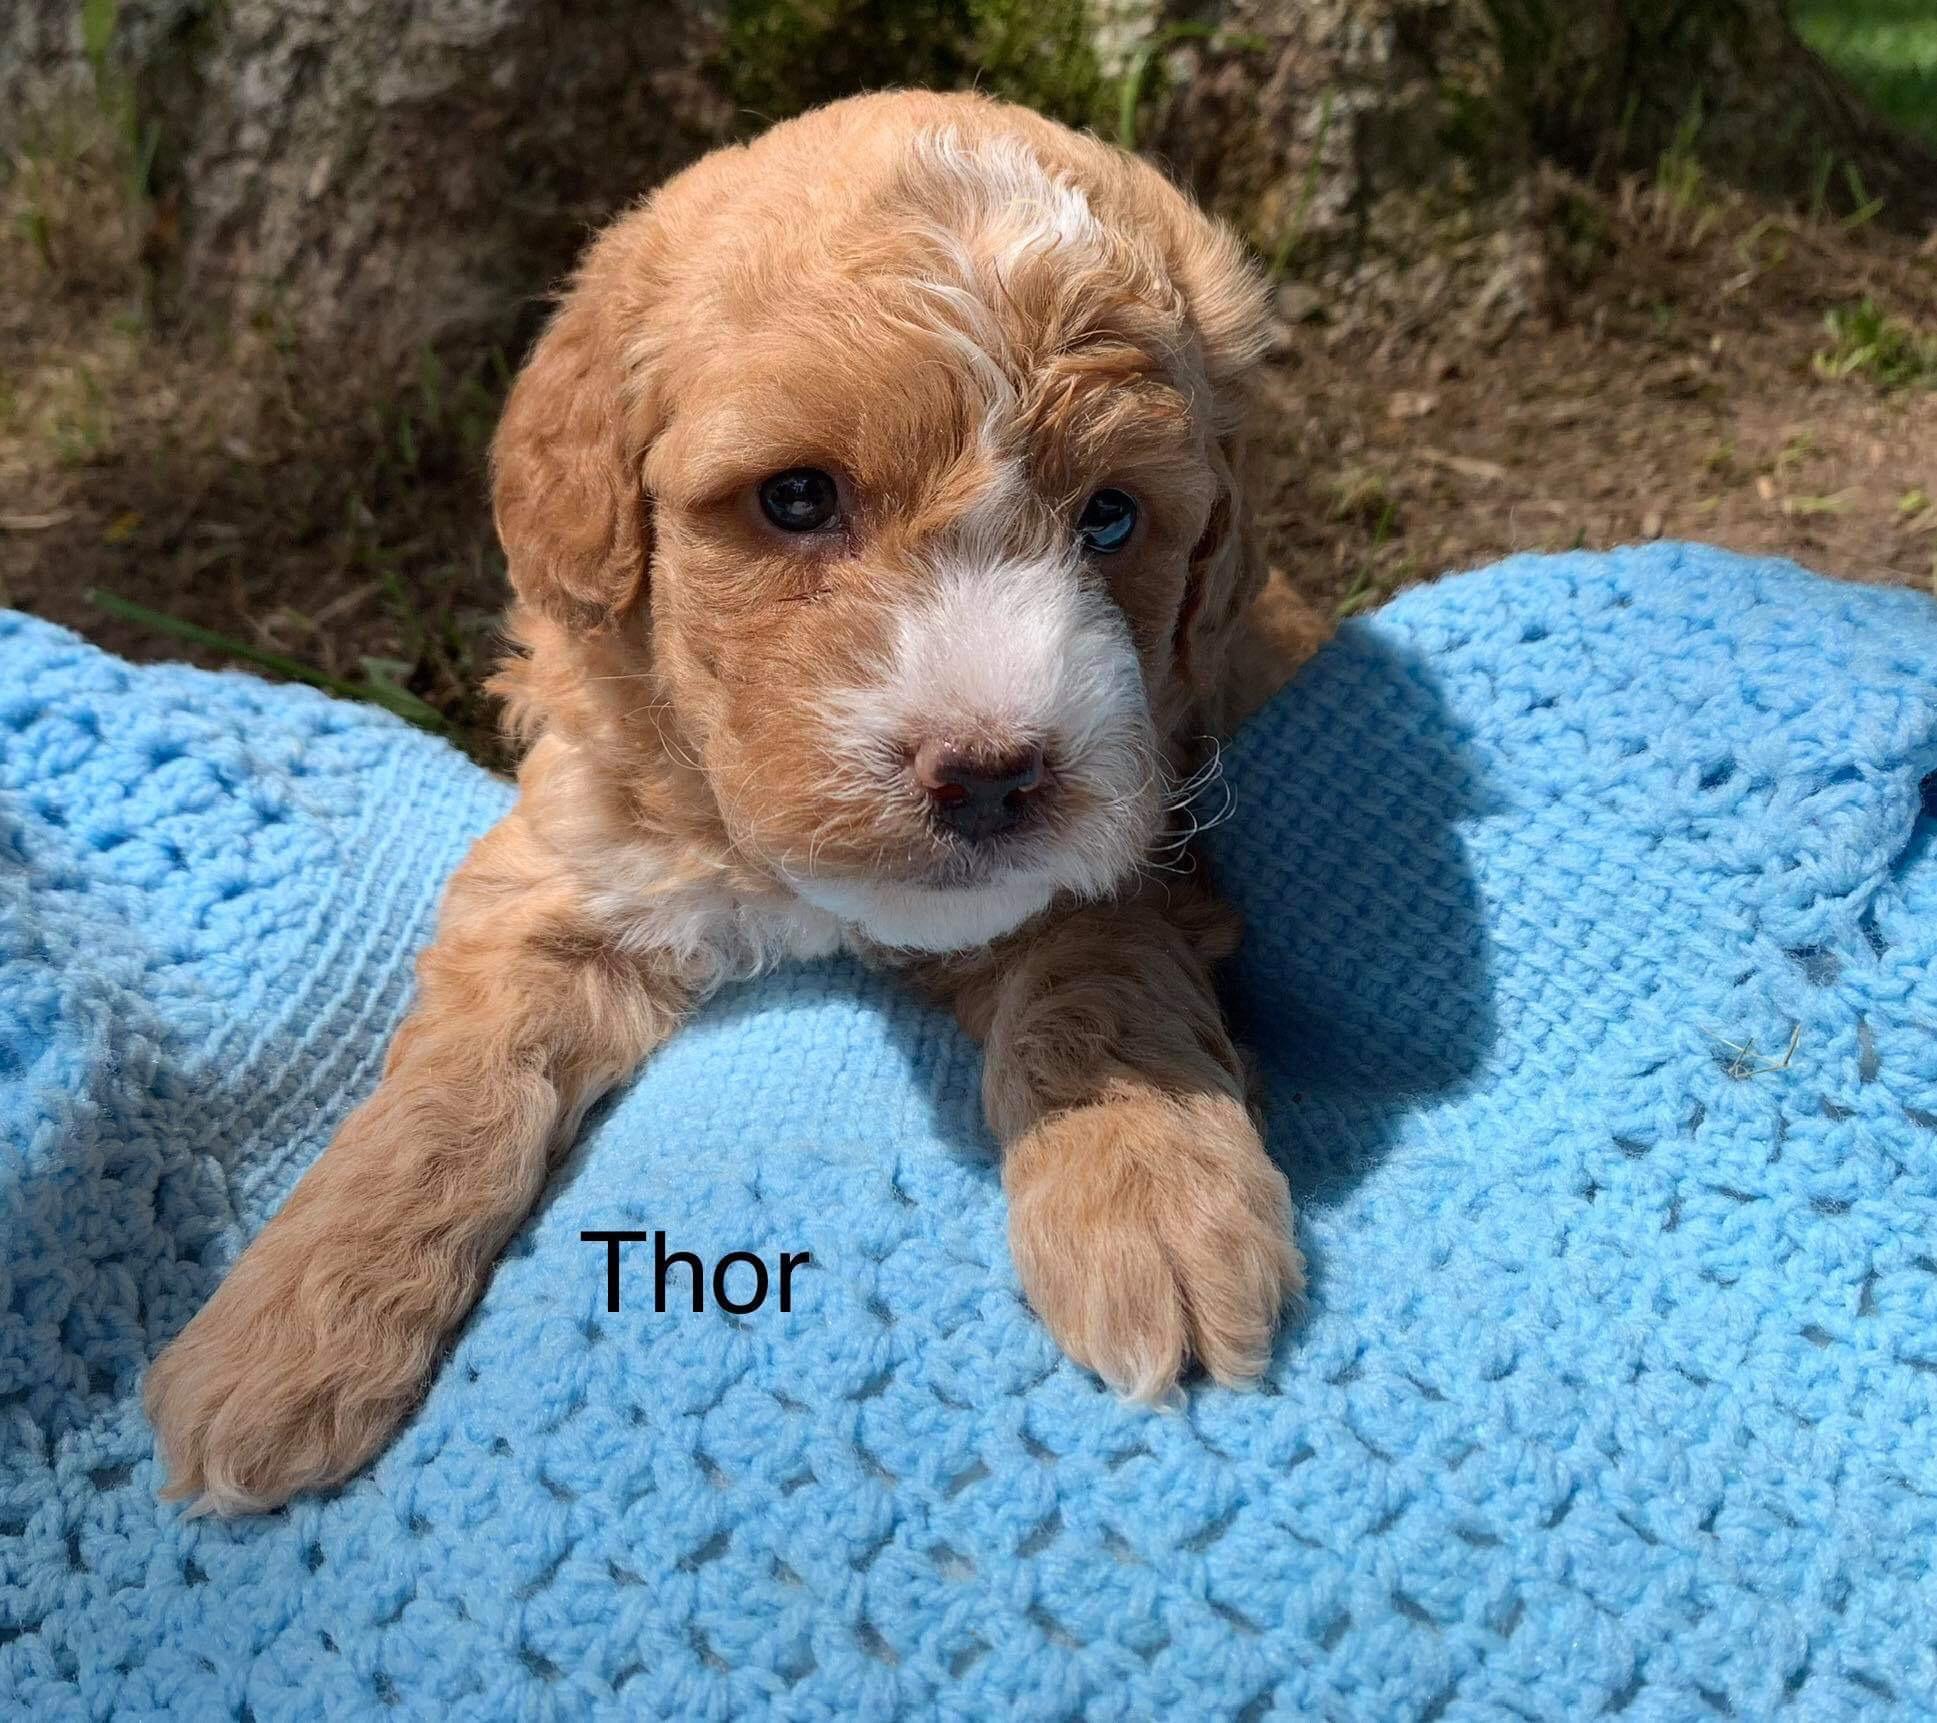 Rebecca reserved Thor